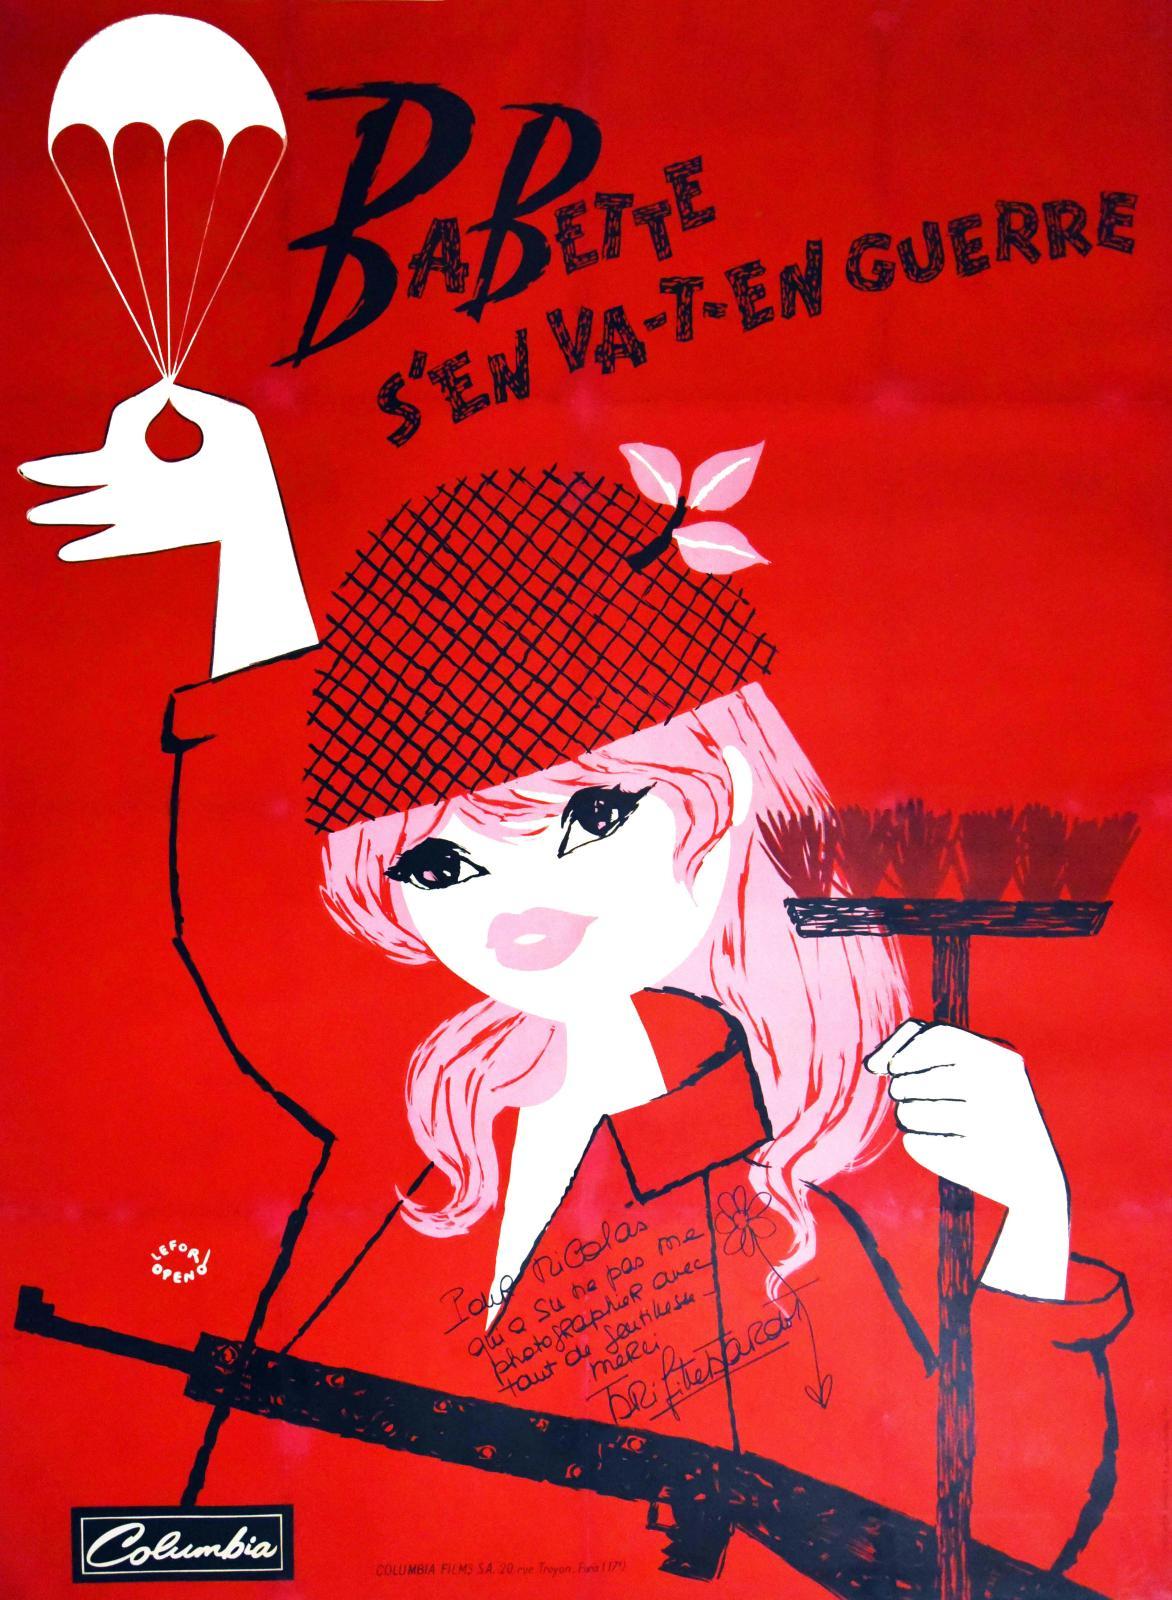 Lefor Openo, Babette s'en va-t-en guerre, 1959, affiche originale signée par Brigitte Bardot avec un dessin, 156x116cm. Adjugé: 5200€